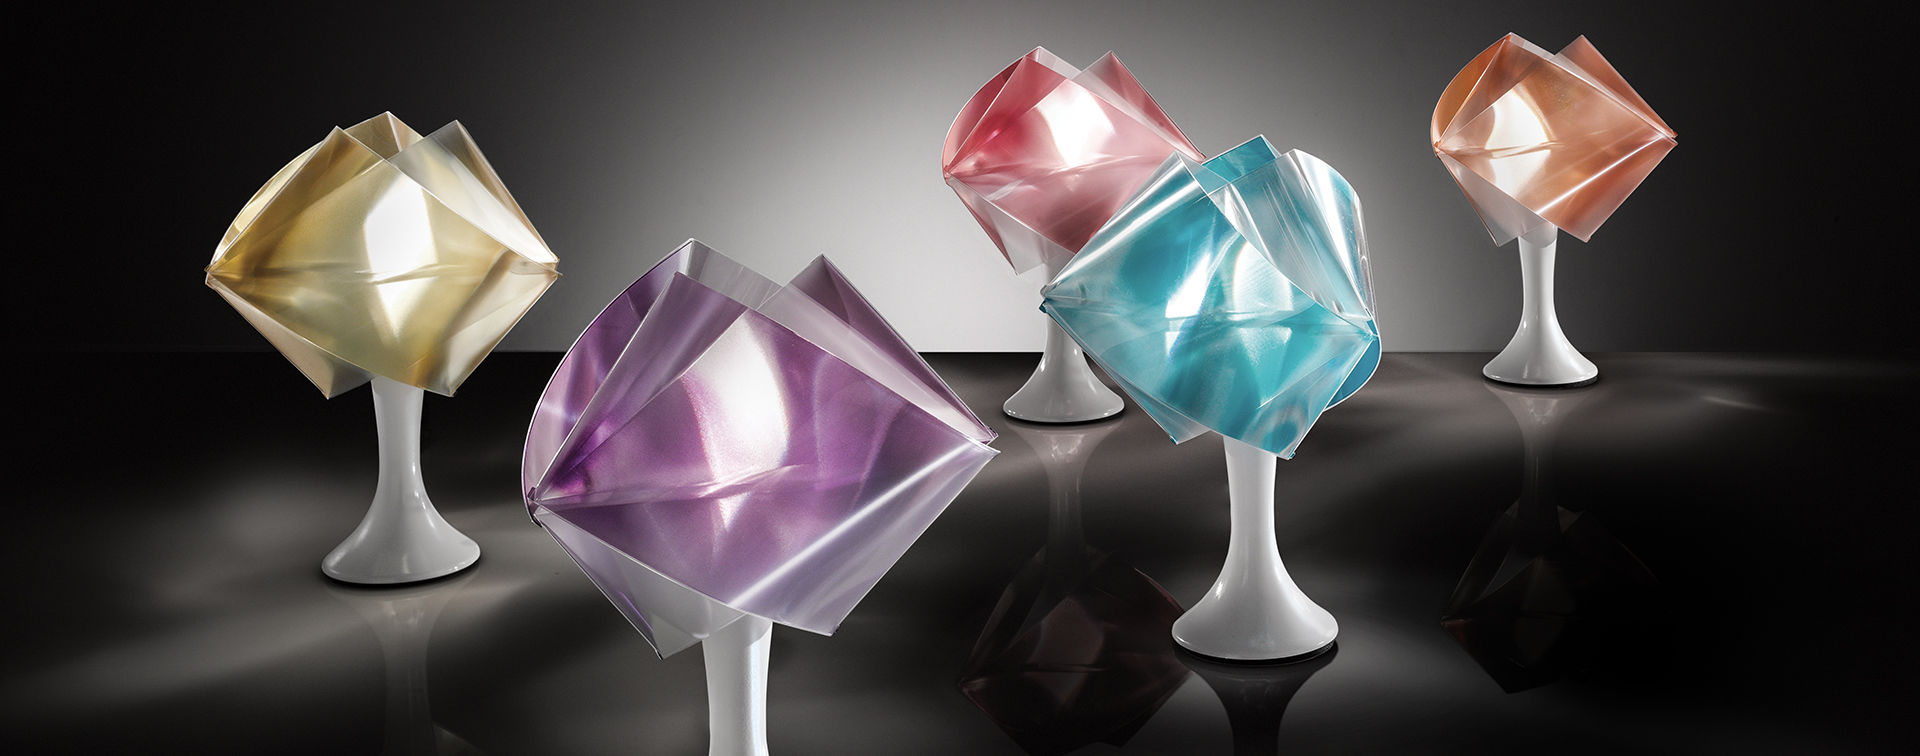 Lampada da tavolo modello Gemmy di Slamp in vari colori